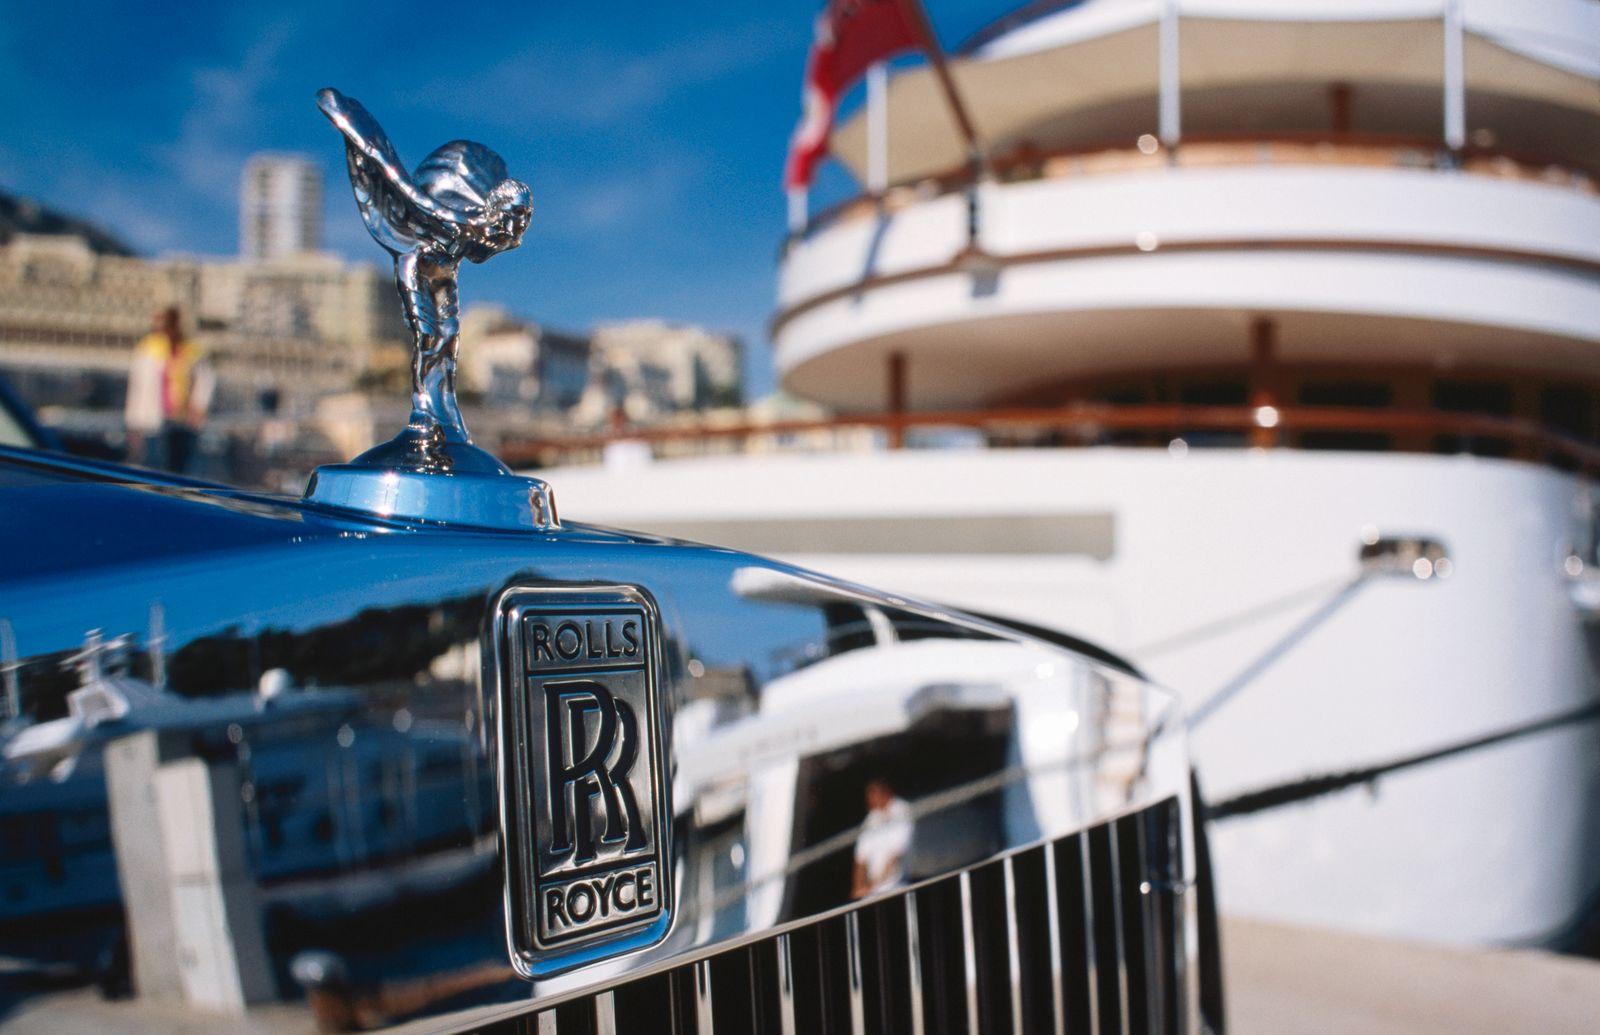 Detail of Rolls Royce parked in front of luxury yacht, Port Hercule.